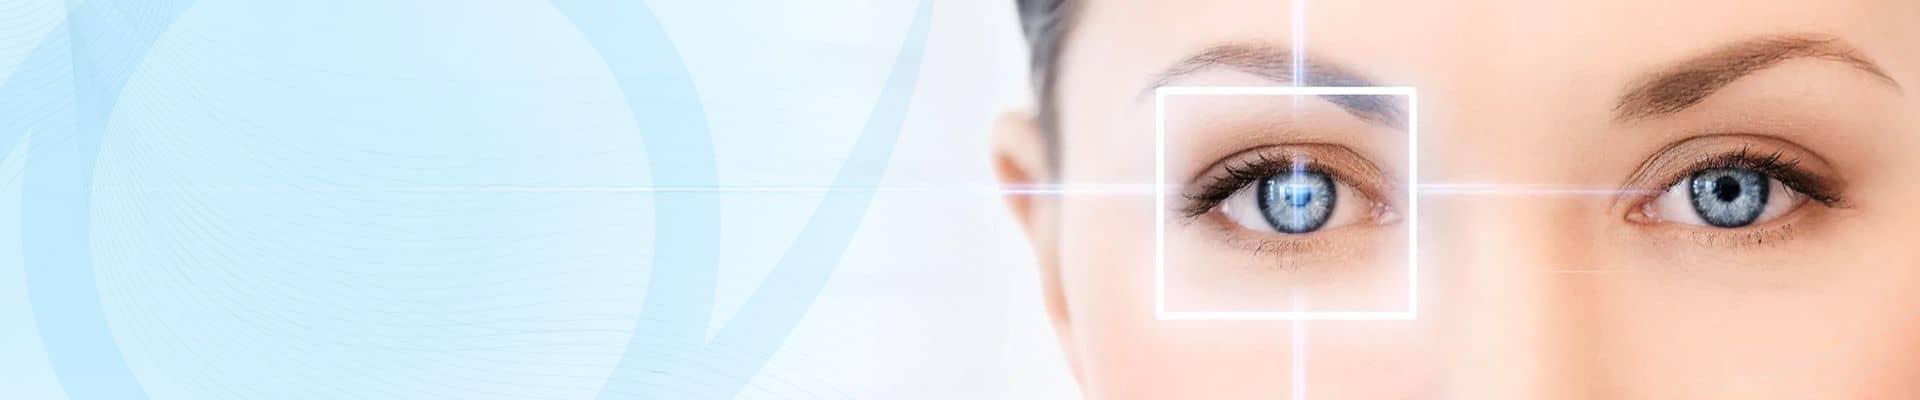 Helyreállítja a látást 1 nap alatt, 8 egyszerű tipp, hogy segítsen javítani látását otthon